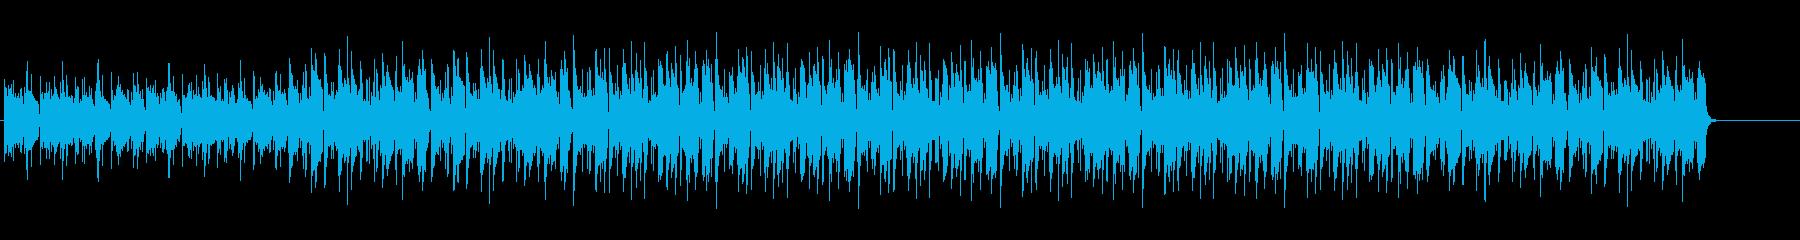 ハワイ風な爽やかポップス aの再生済みの波形